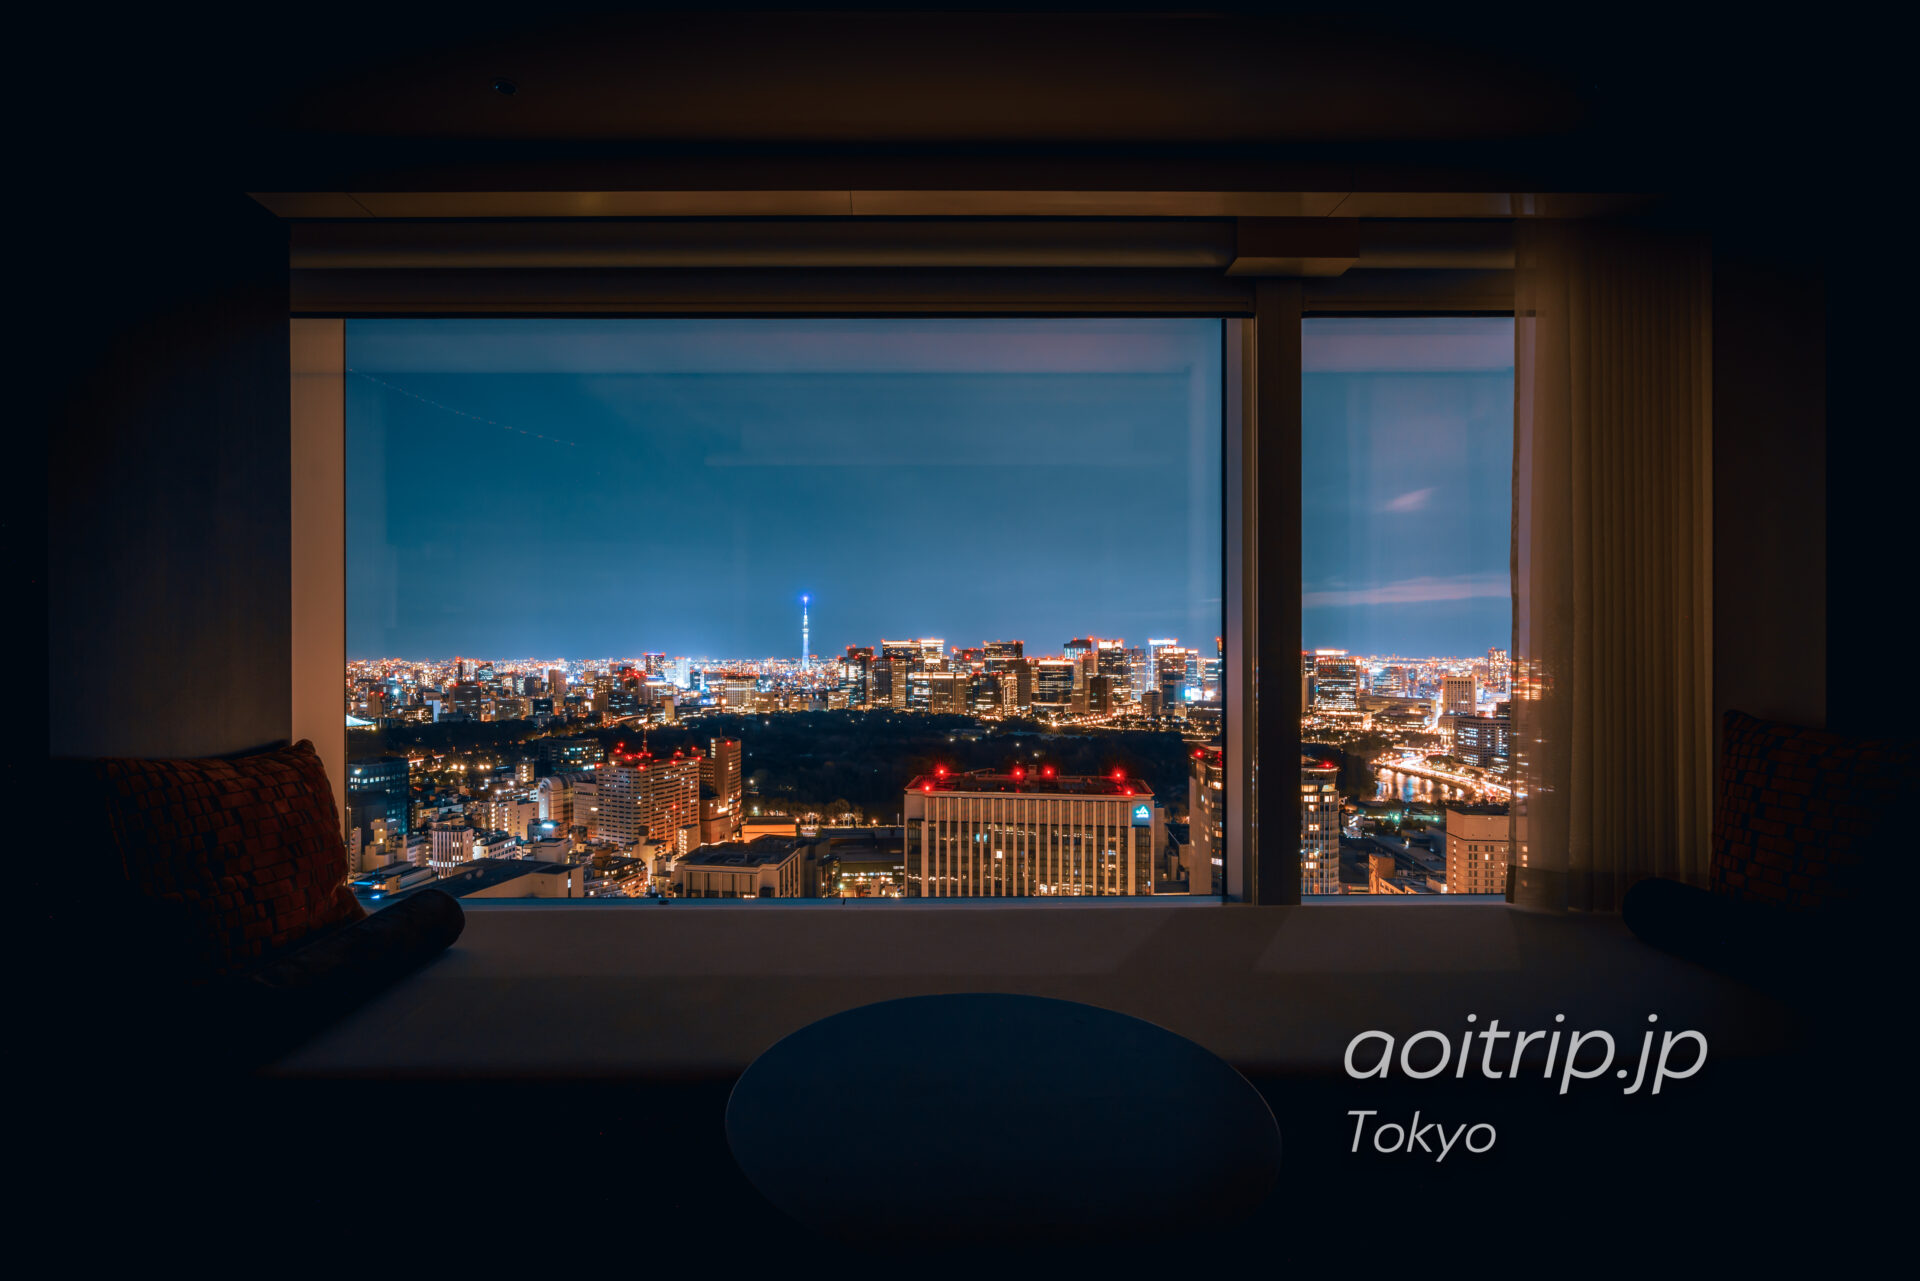 ザ プリンスギャラリー 東京紀尾井町から望む夜景